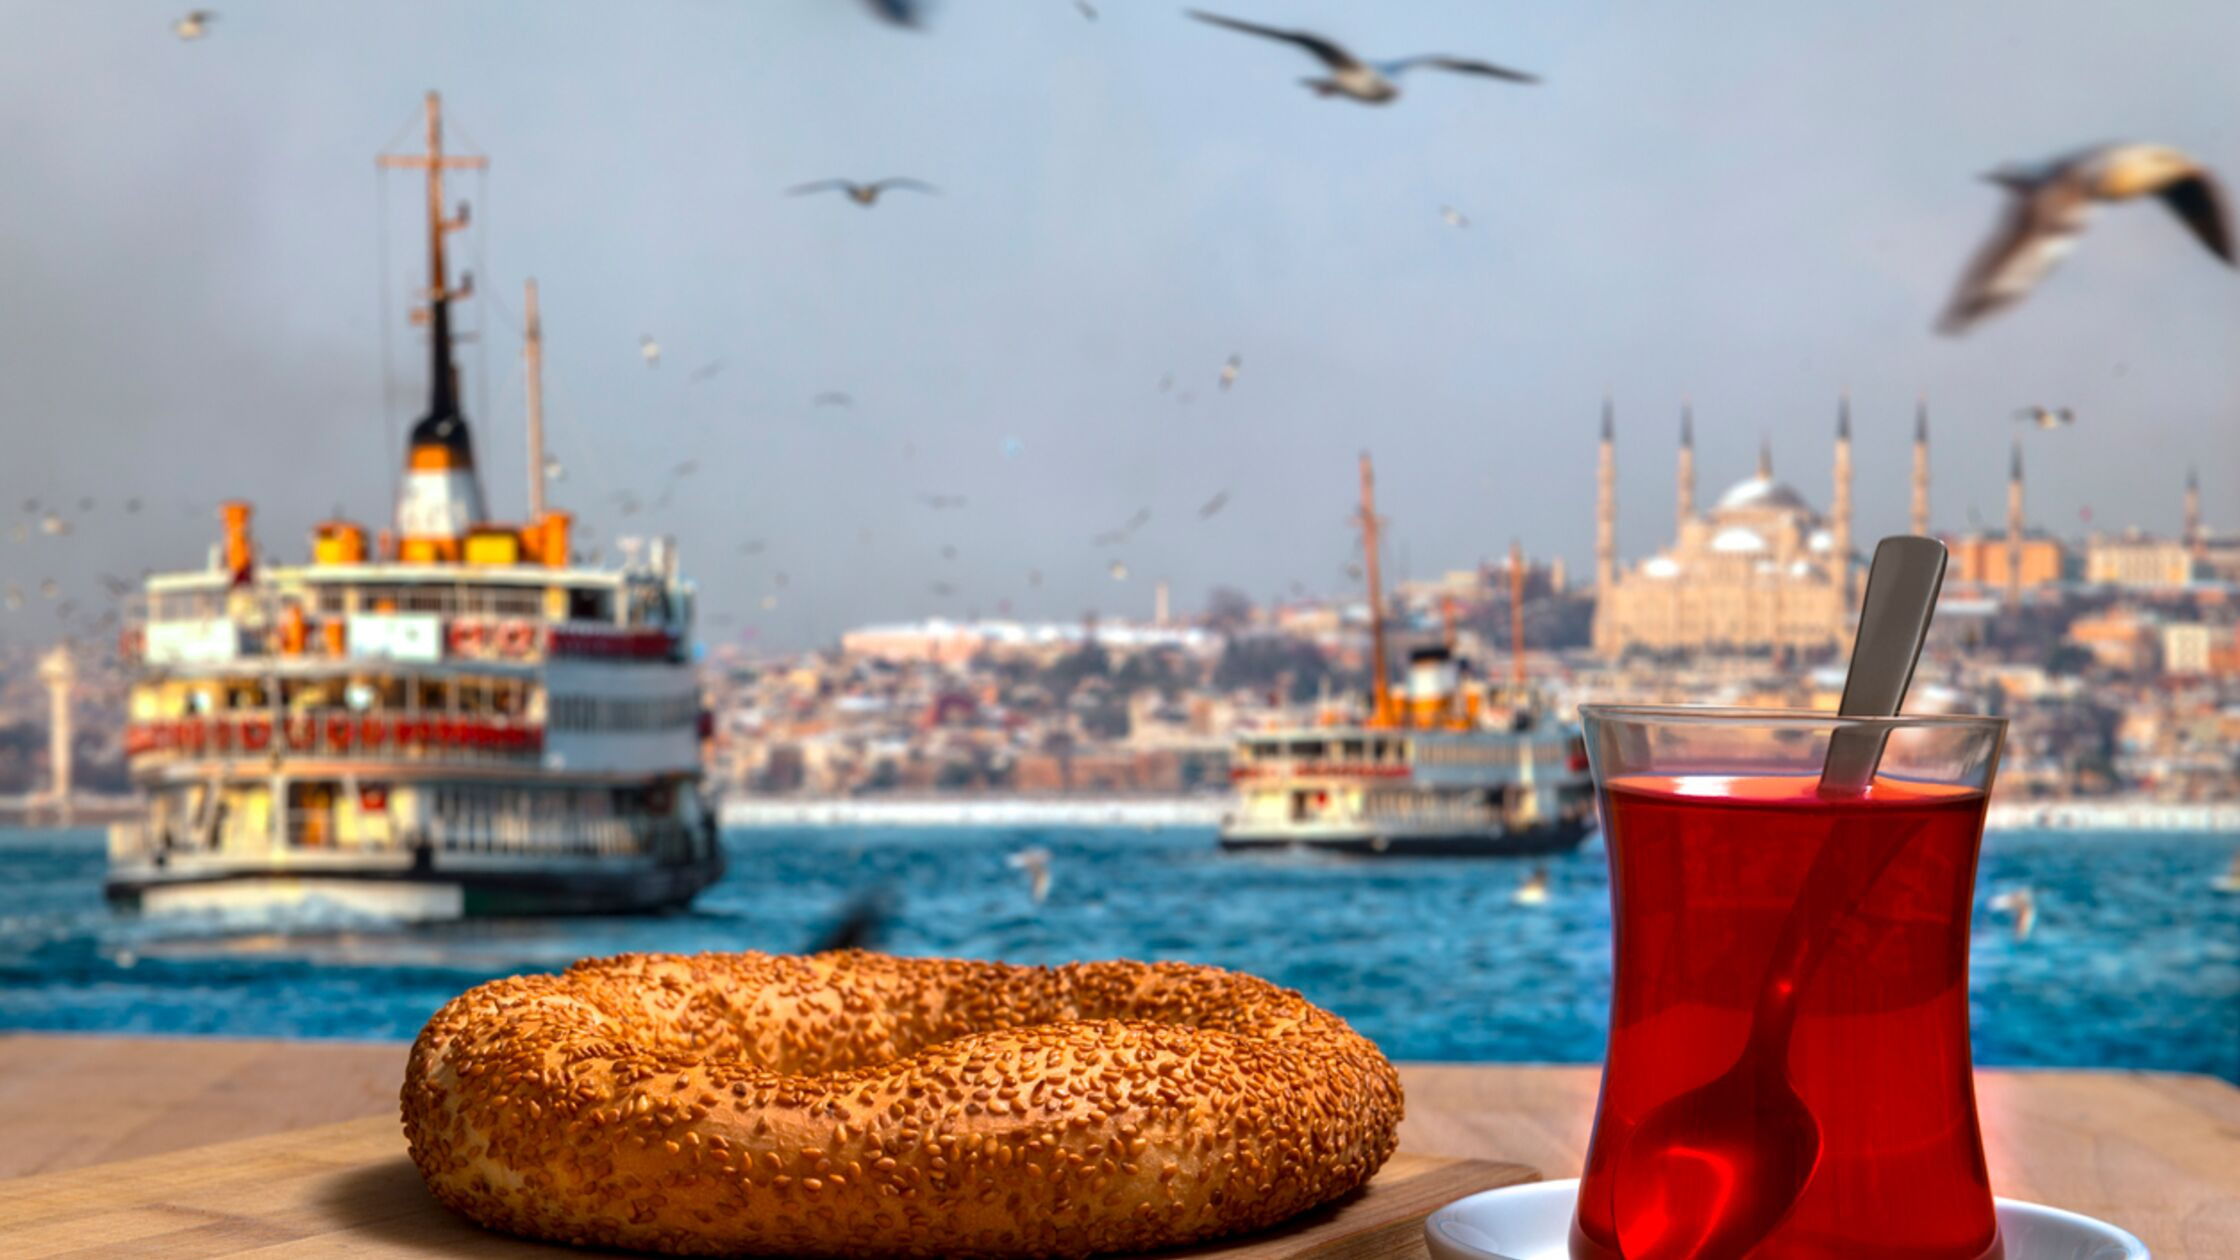 Auswandern in die Türkei: Wohlfühlort für Rentner und Arbeitnehmer